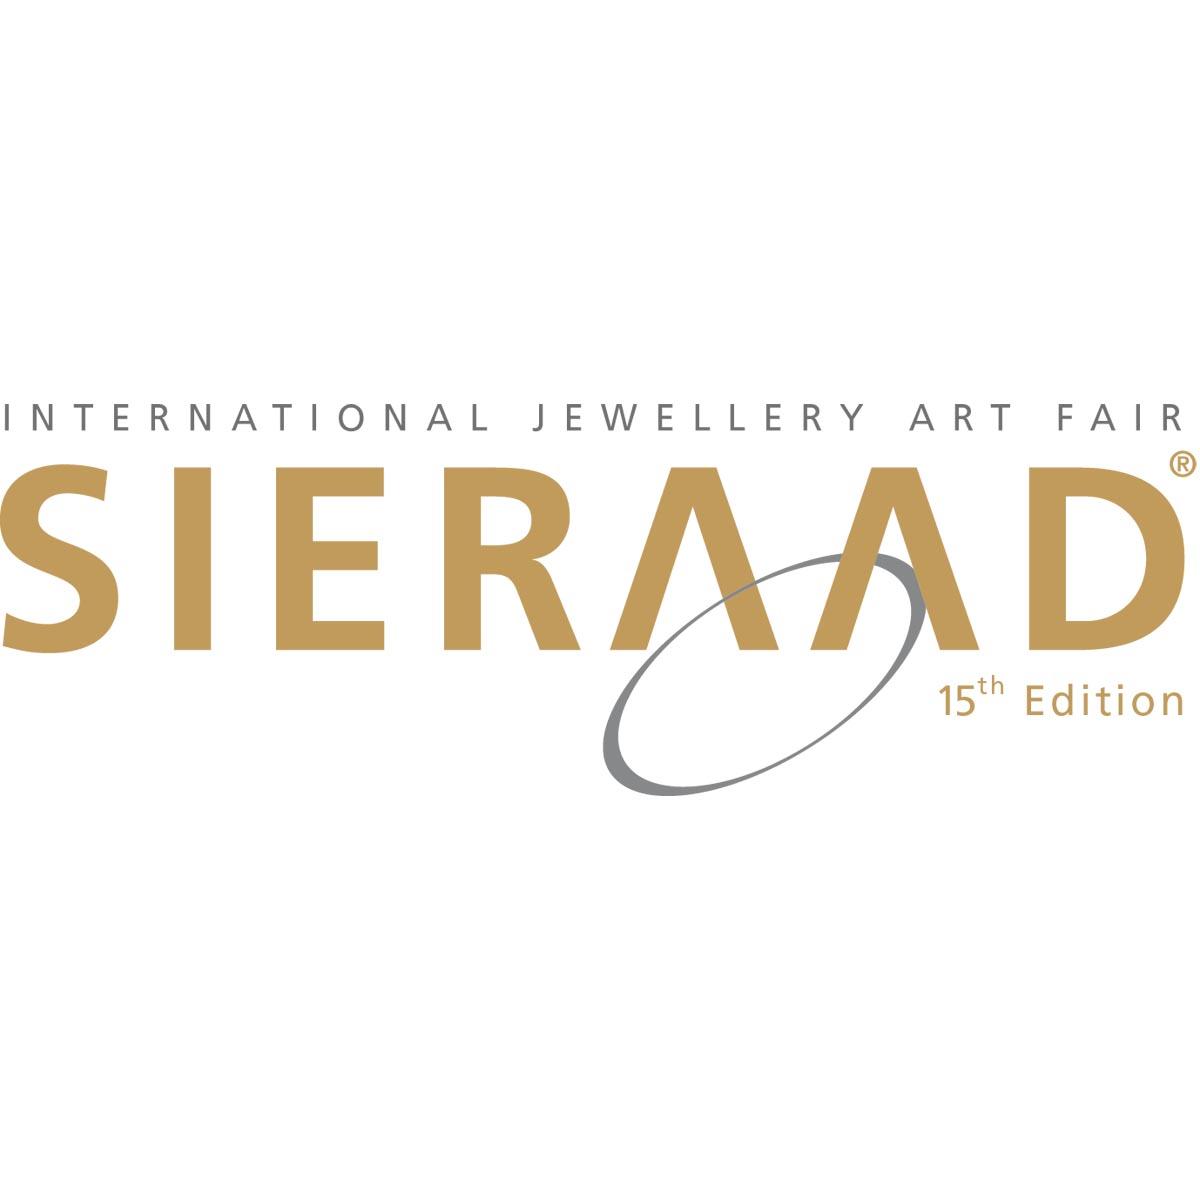 Sieraad_fair_2016_FC - JOURNAL WEBSITE.jpg